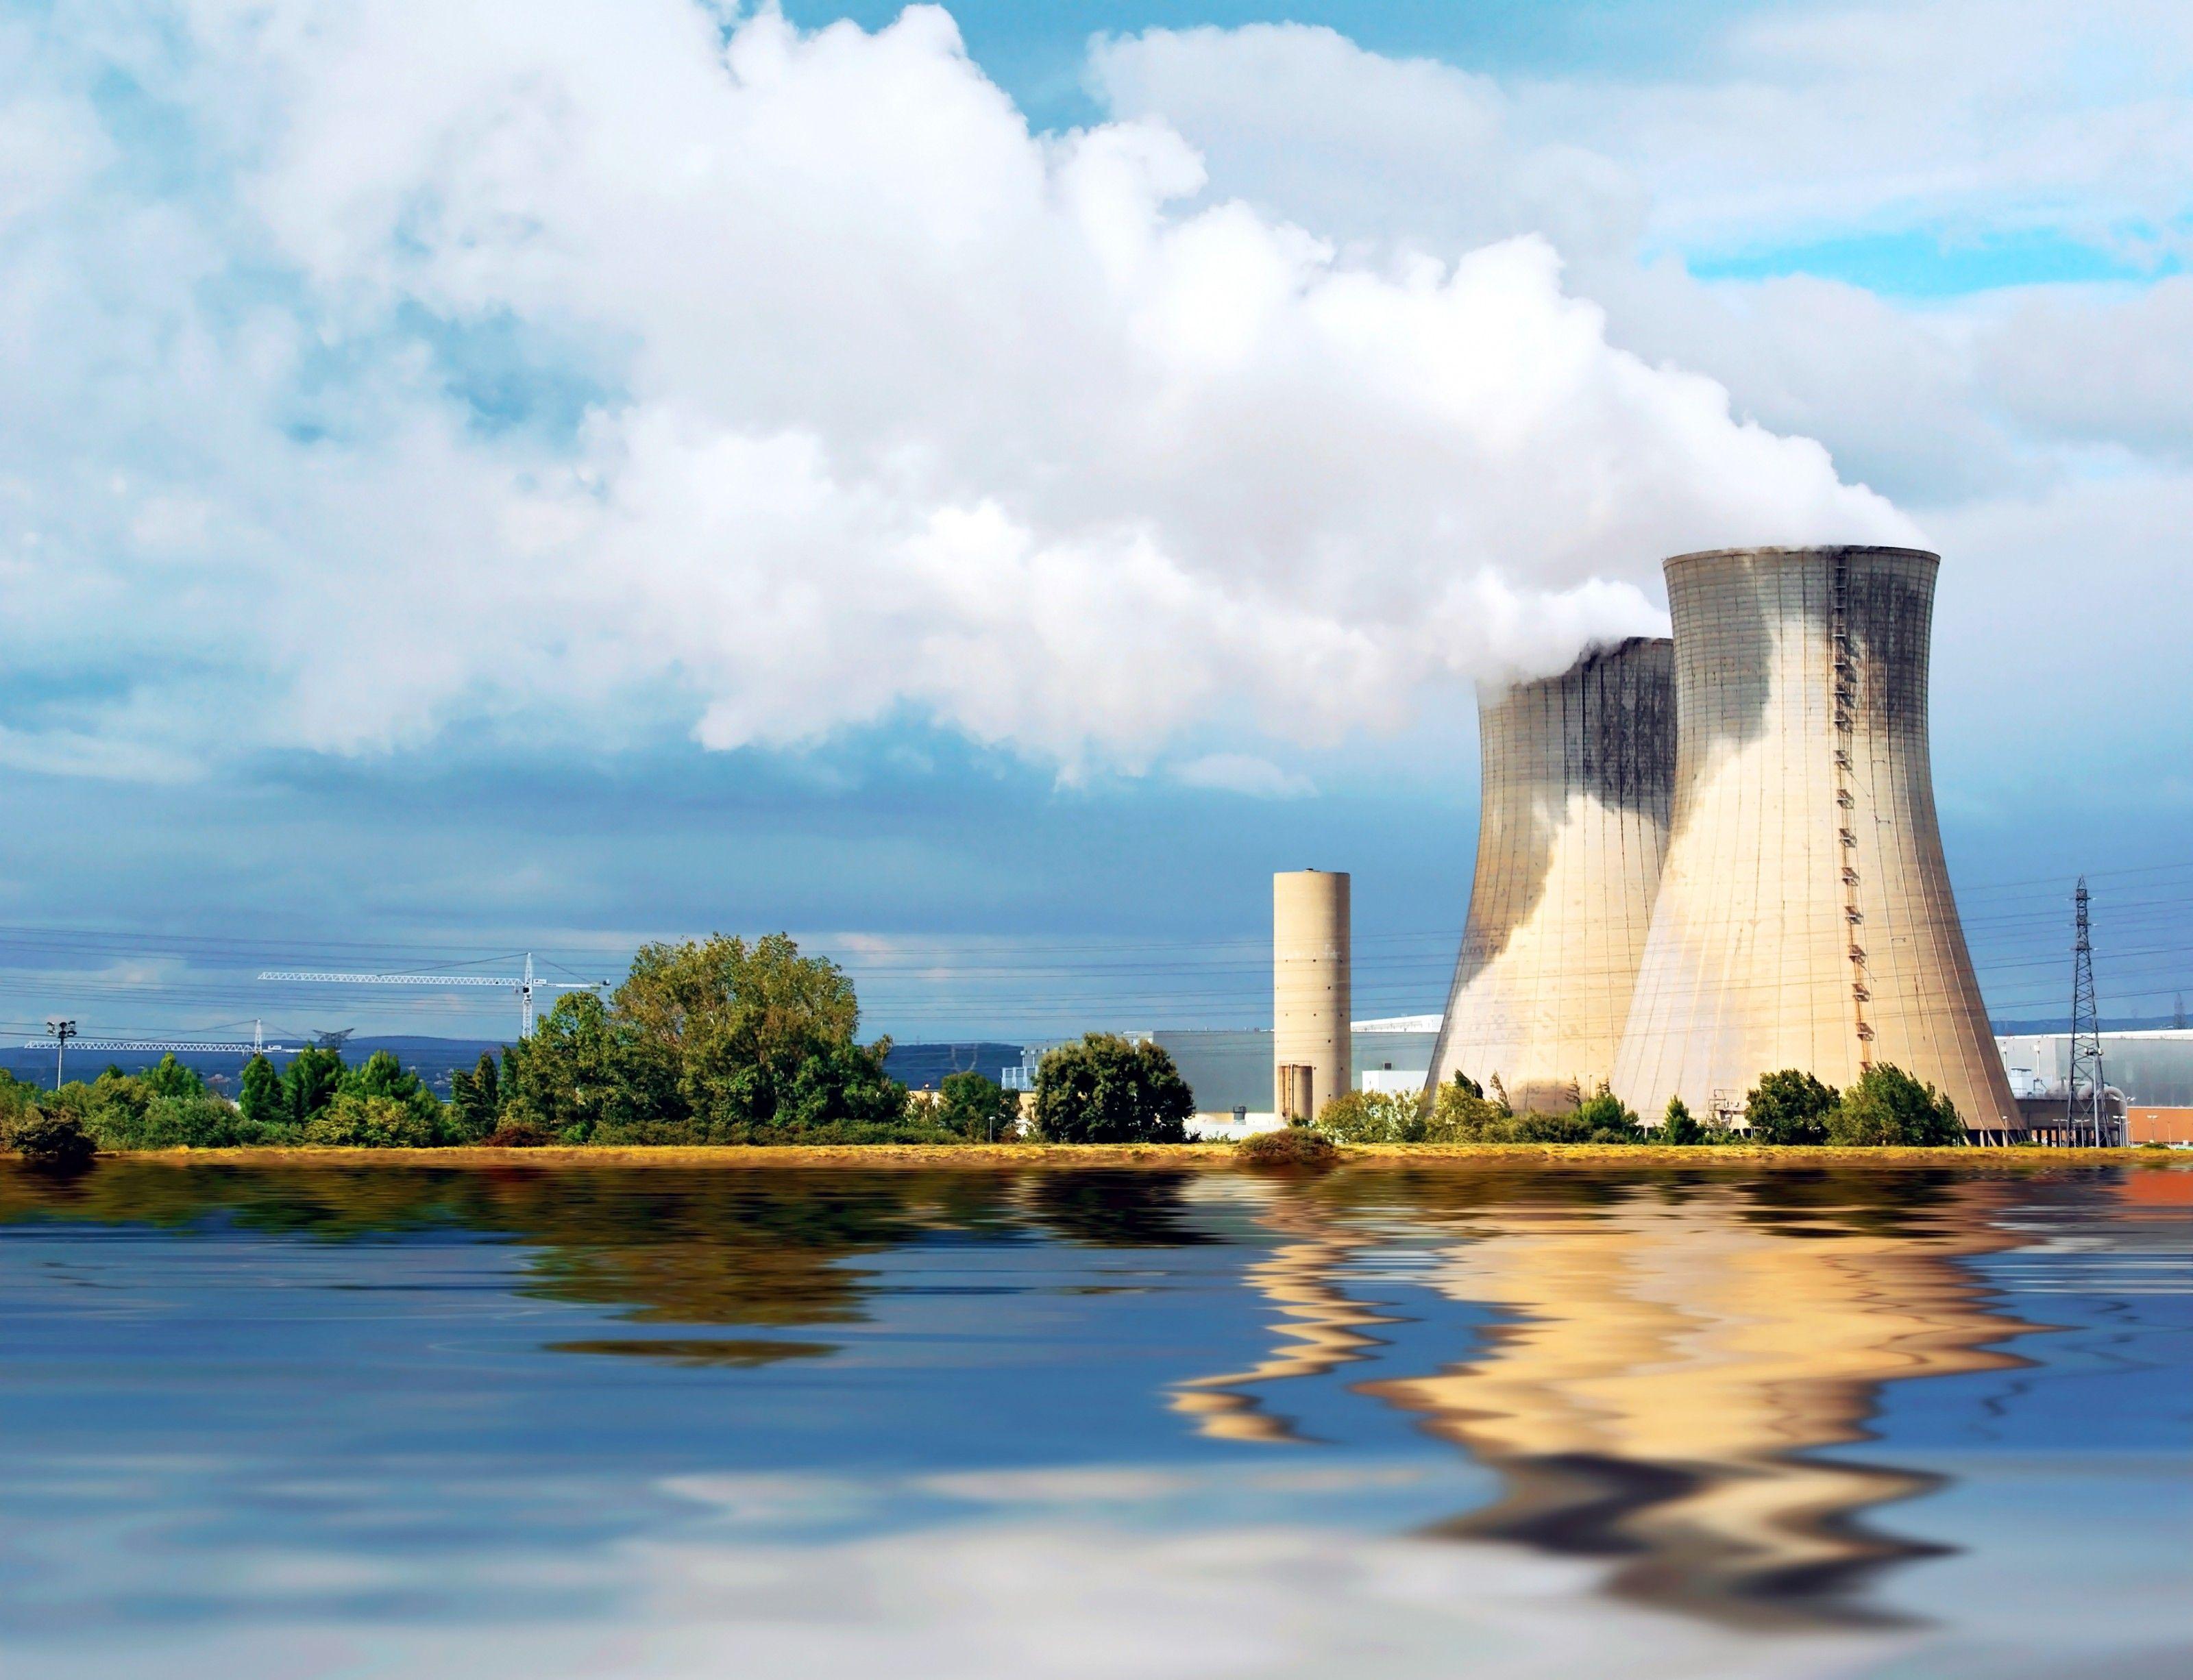 France : pourquoi le stockage et la gestion des déchets nucléaires font-ils débat ? | National Geographic